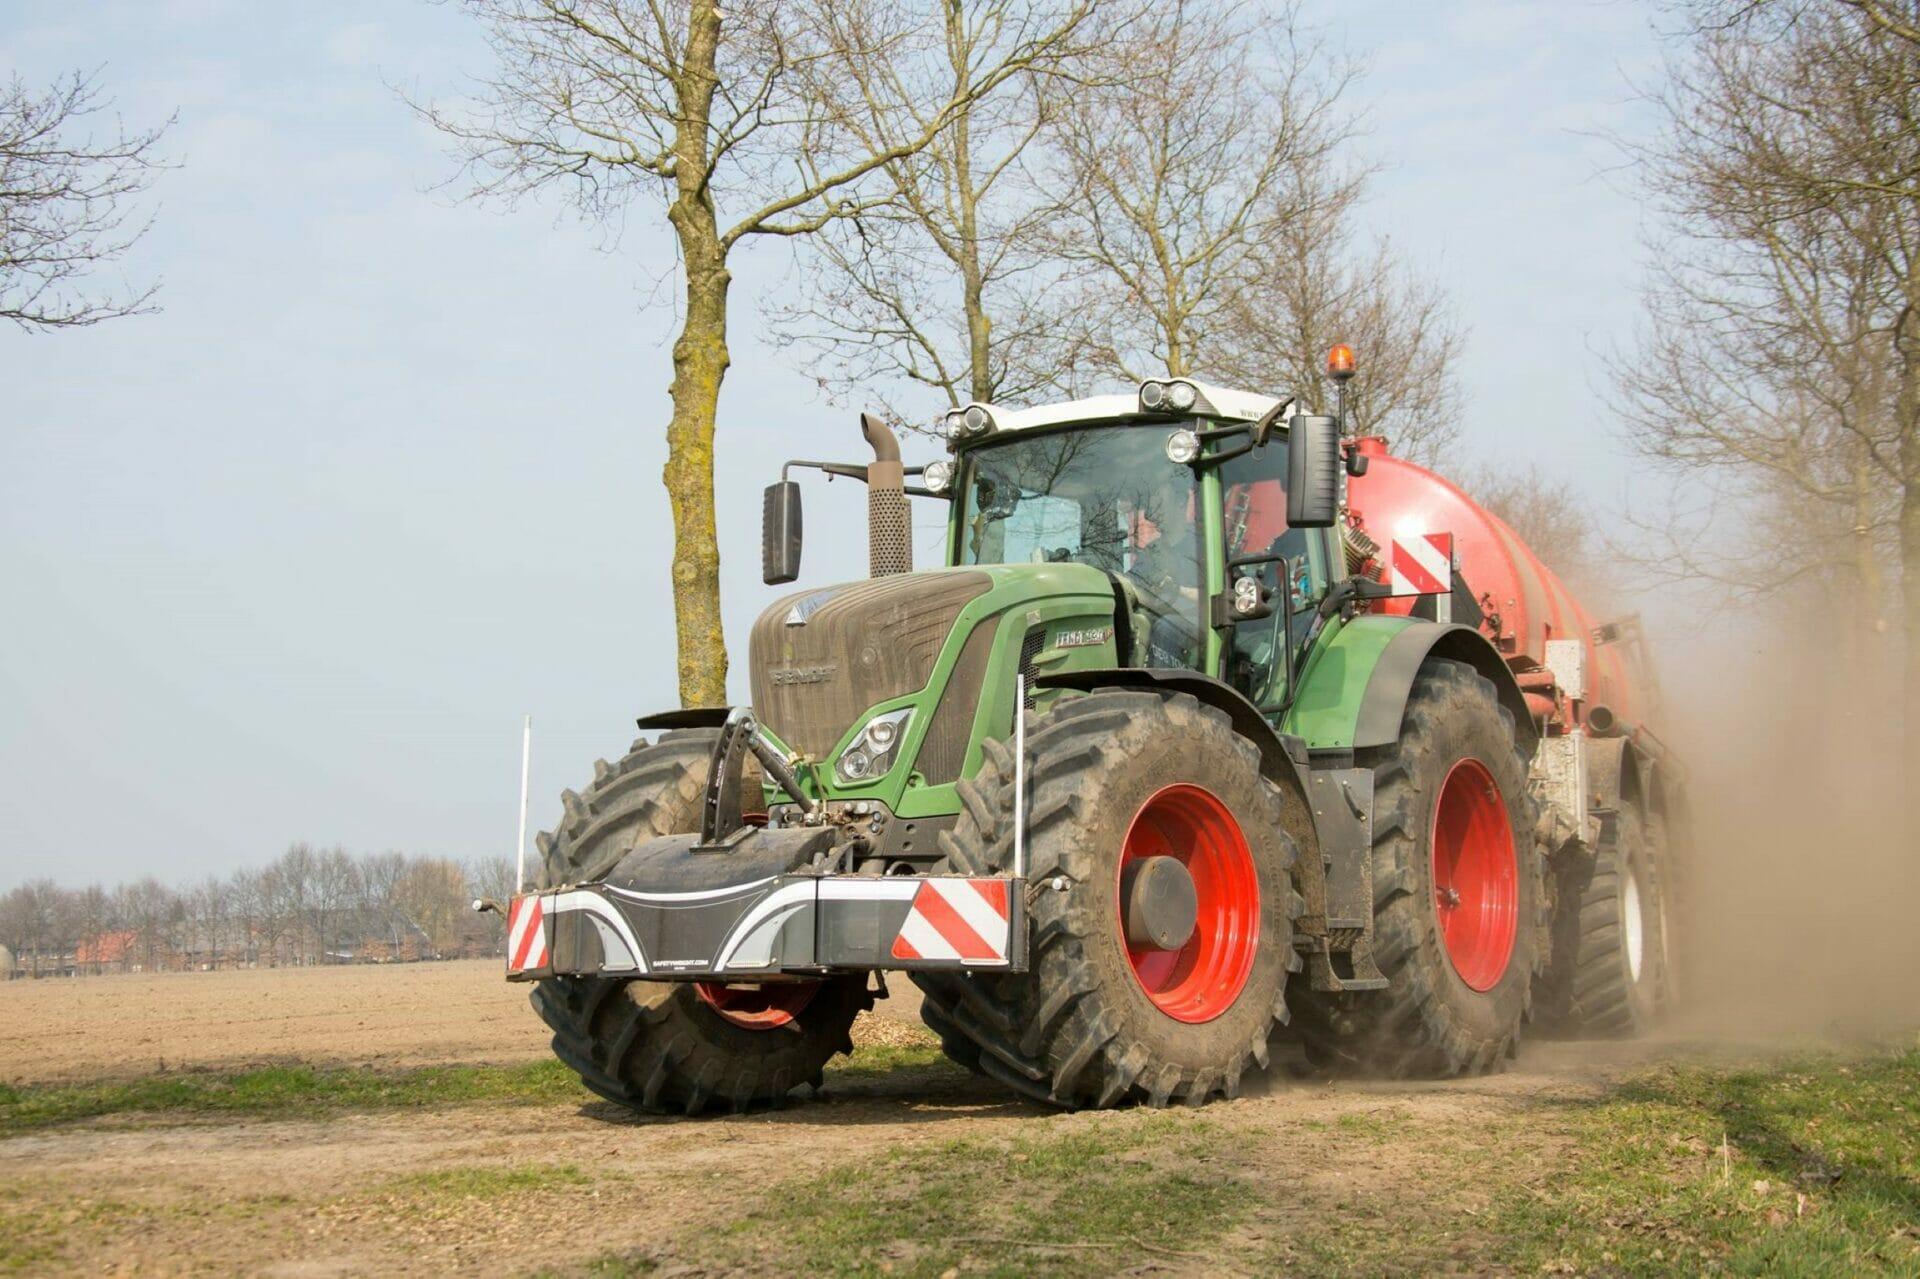 http://tractorbumper.com/wp-content/uploads/2016/05/tractor-bumper.jpg